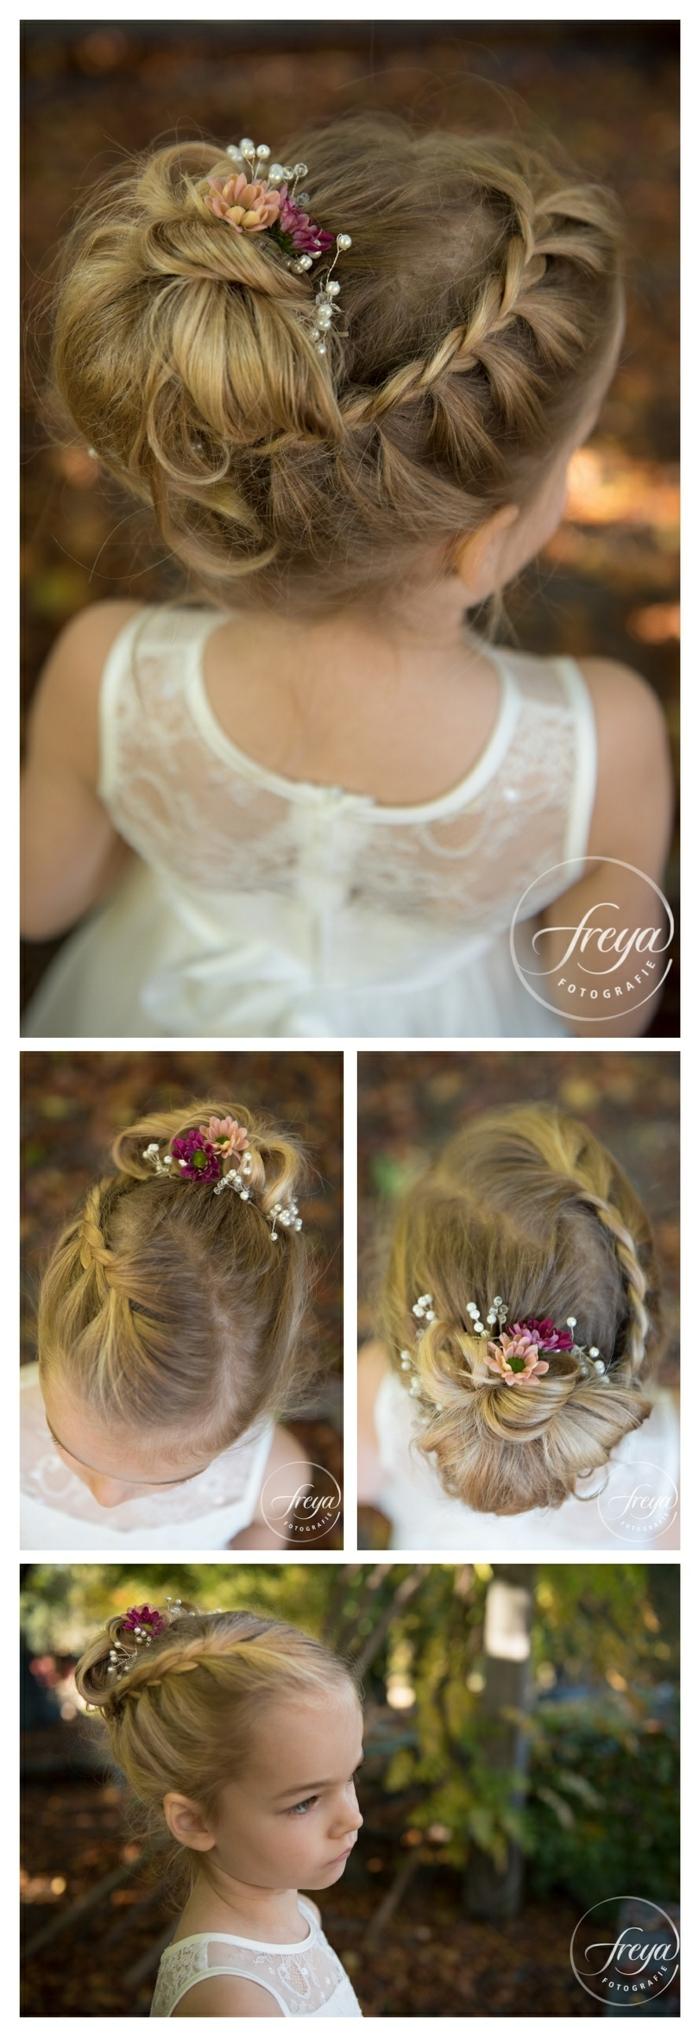 peinados faciles y bonitos, foto con niña con el peinado para la comunión decorado con flores